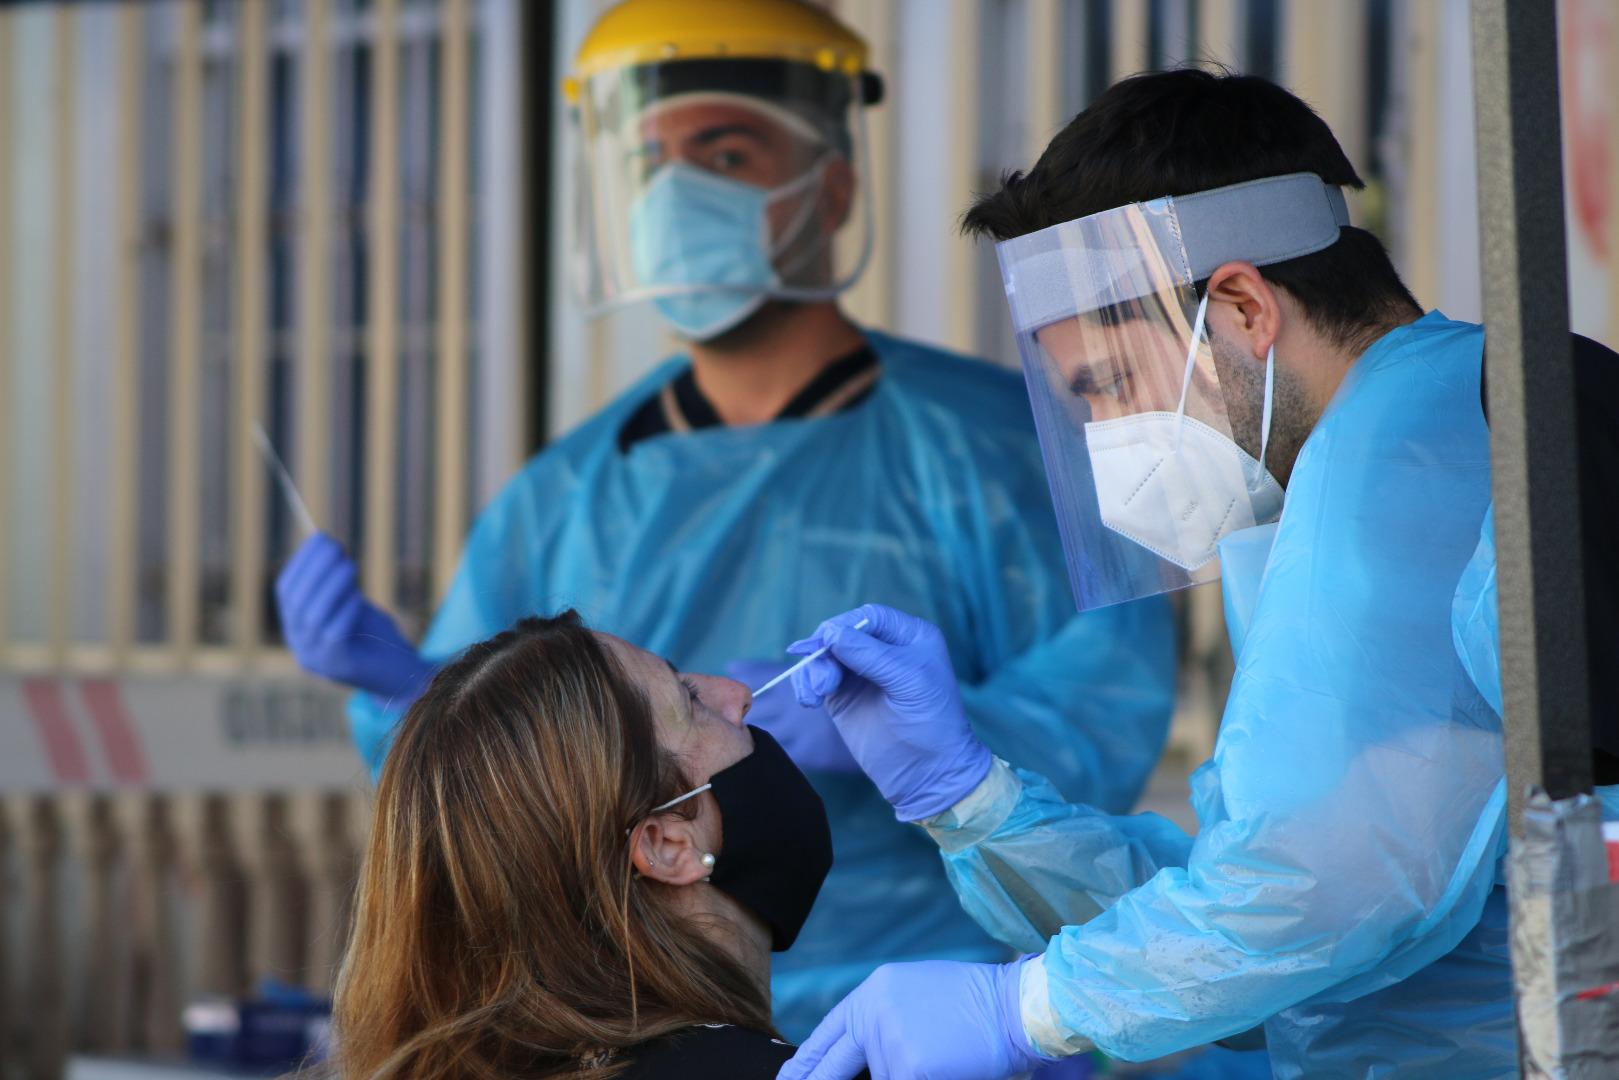 Centros de Salud Familiar de Iquique estarán cerrados durante vacunación de funcionarios contra el COVID-19